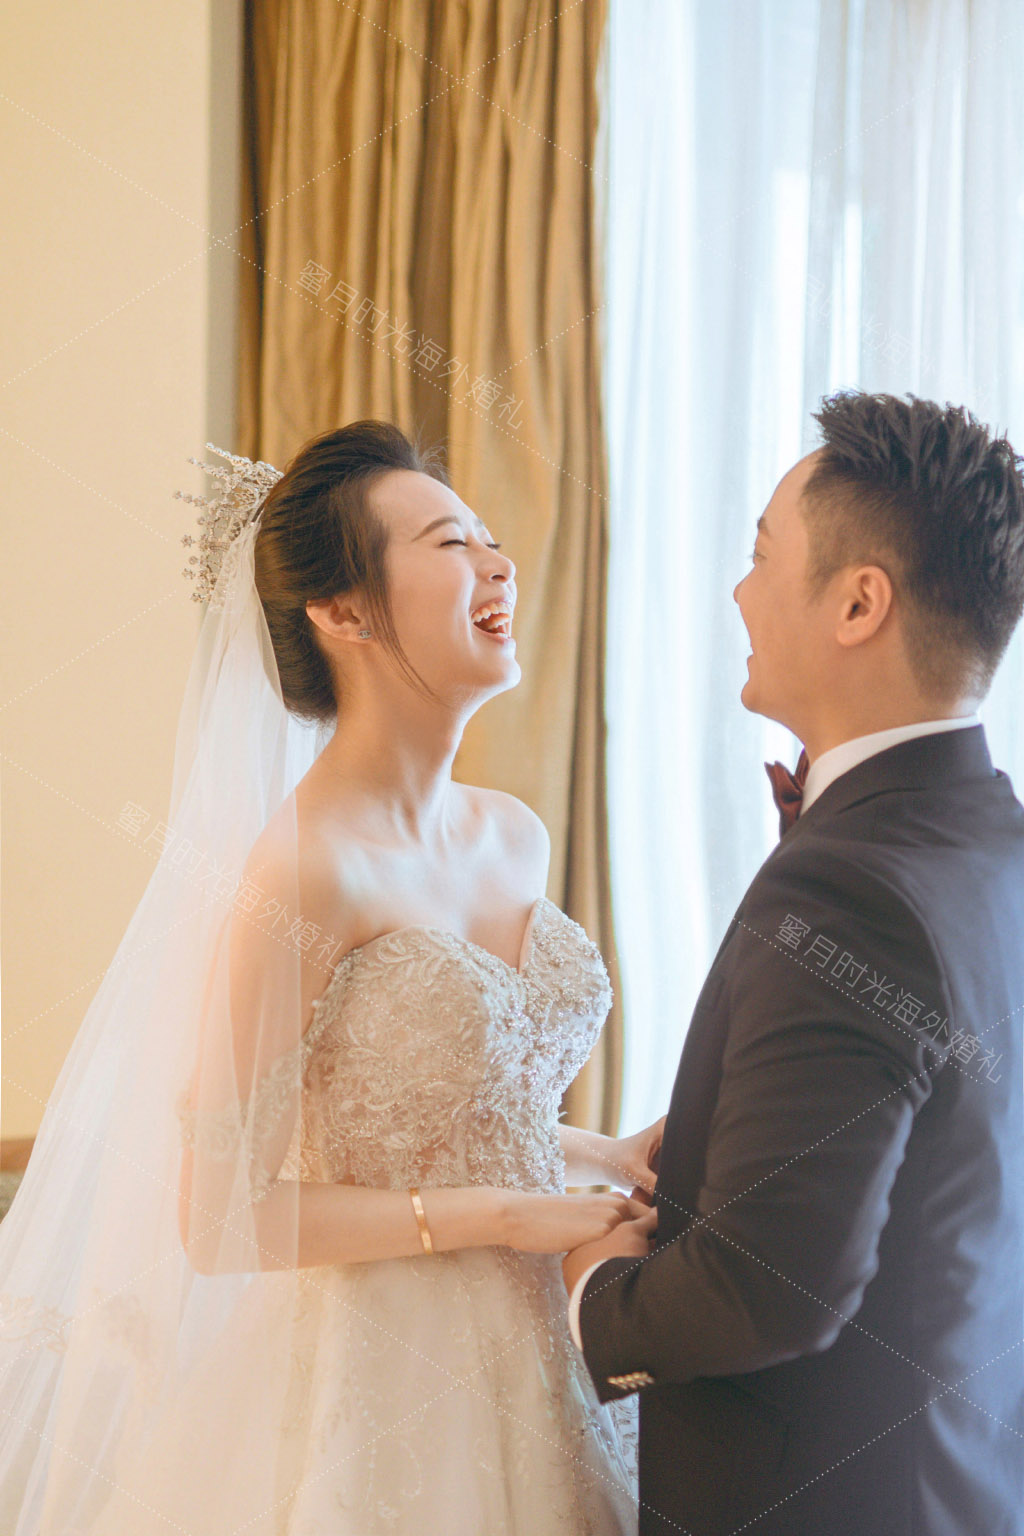 港丽无限教堂婚礼+升级布置|今天是属于我们自己的巴厘岛西式婚礼__你看我今天美吗___你看我今天帅吗__哈哈哈___|海外婚礼